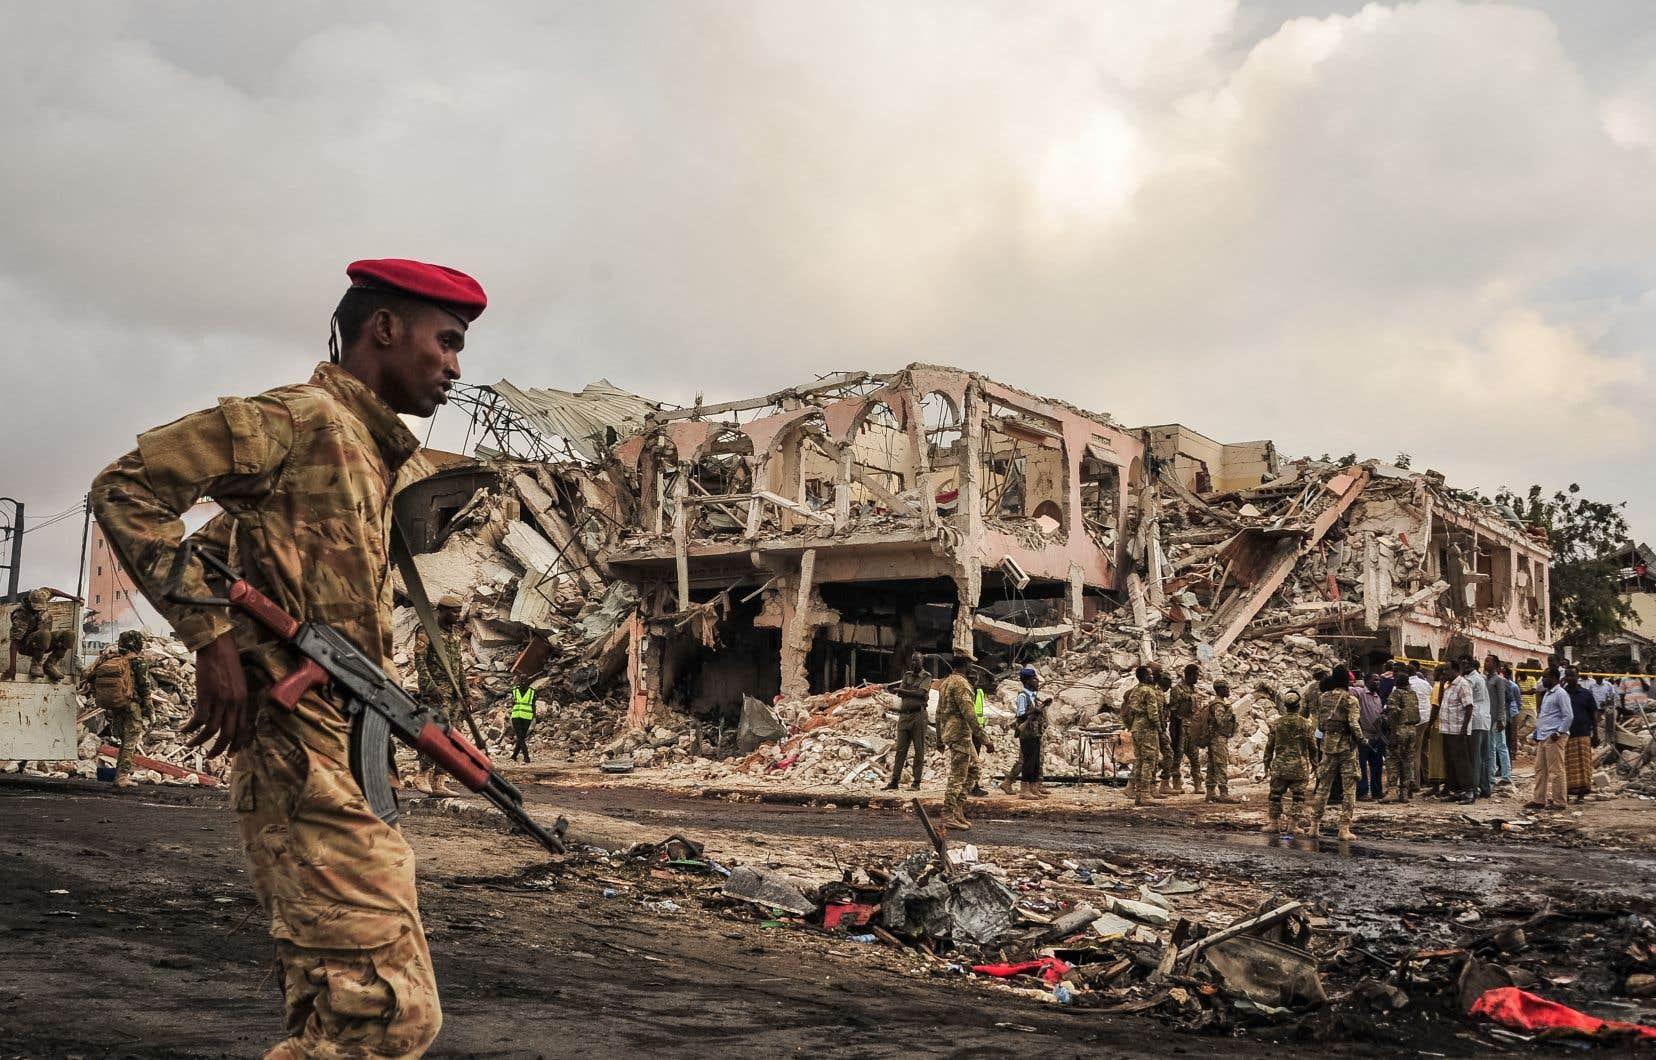 Les États-Unis assistent les forces somaliennes contre des membres d'al-Qaïda affiliés aux islamistes radicaux shebab.